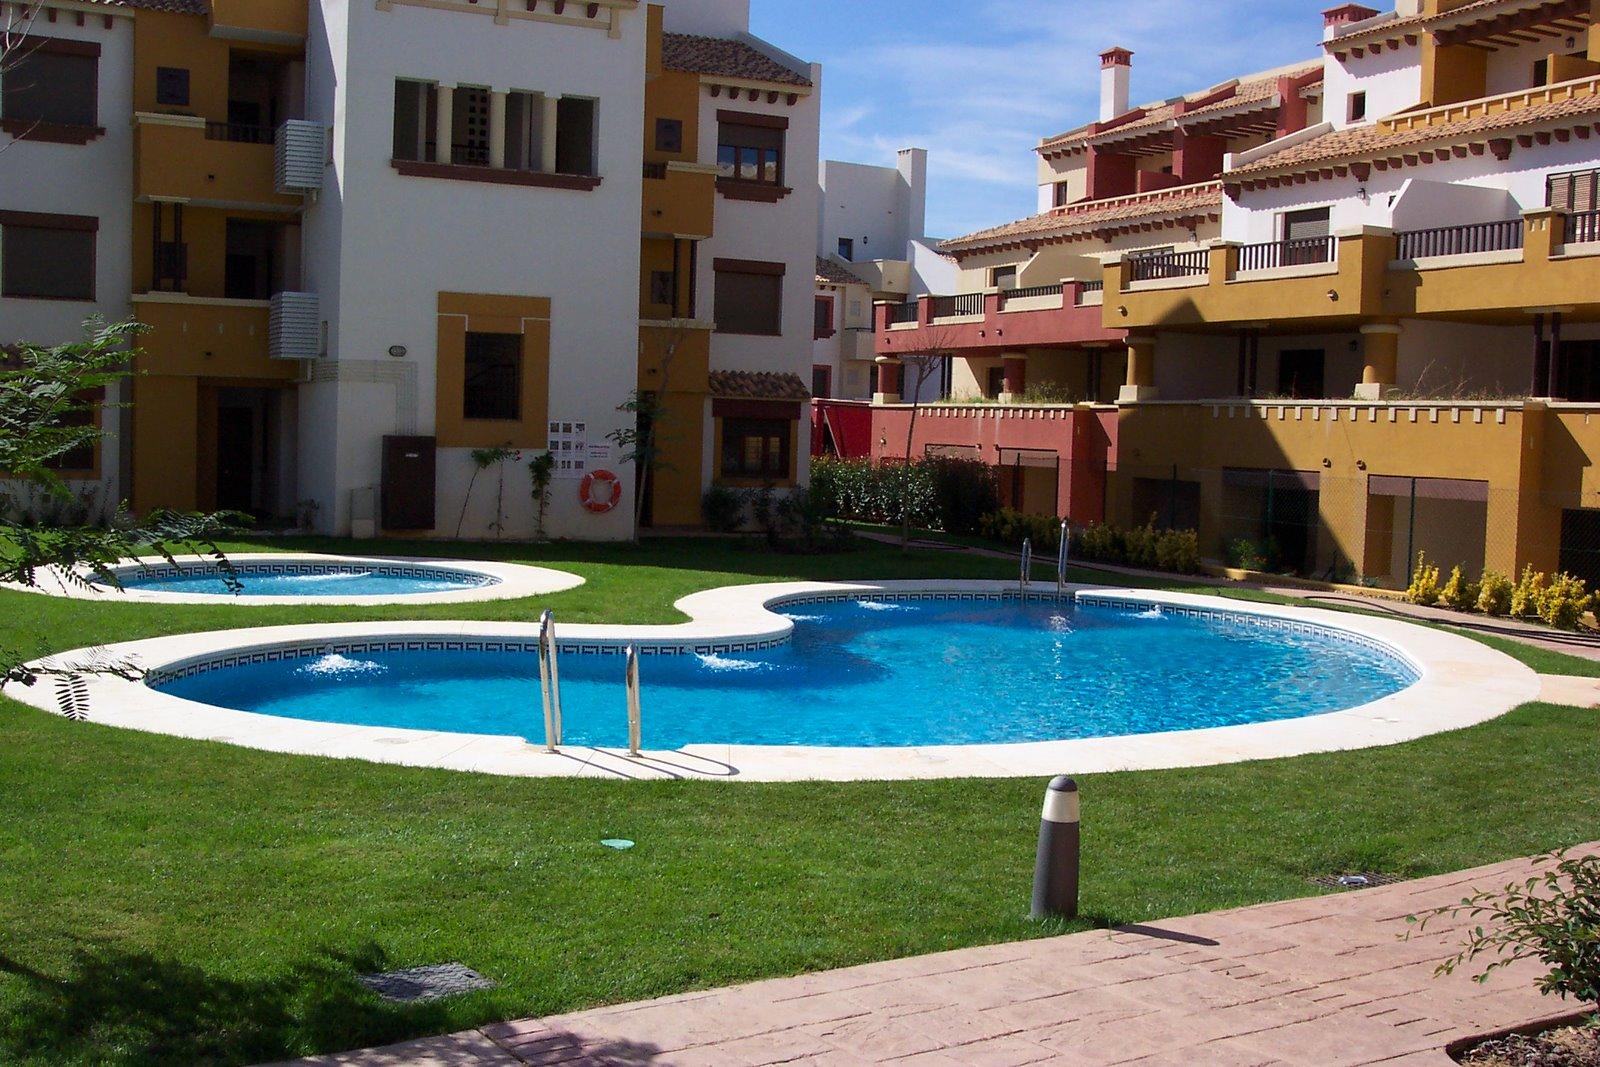 Mantenimiento de piscinas en huelva siempreverde jardiner a - Mantenimiento de piscinas ...